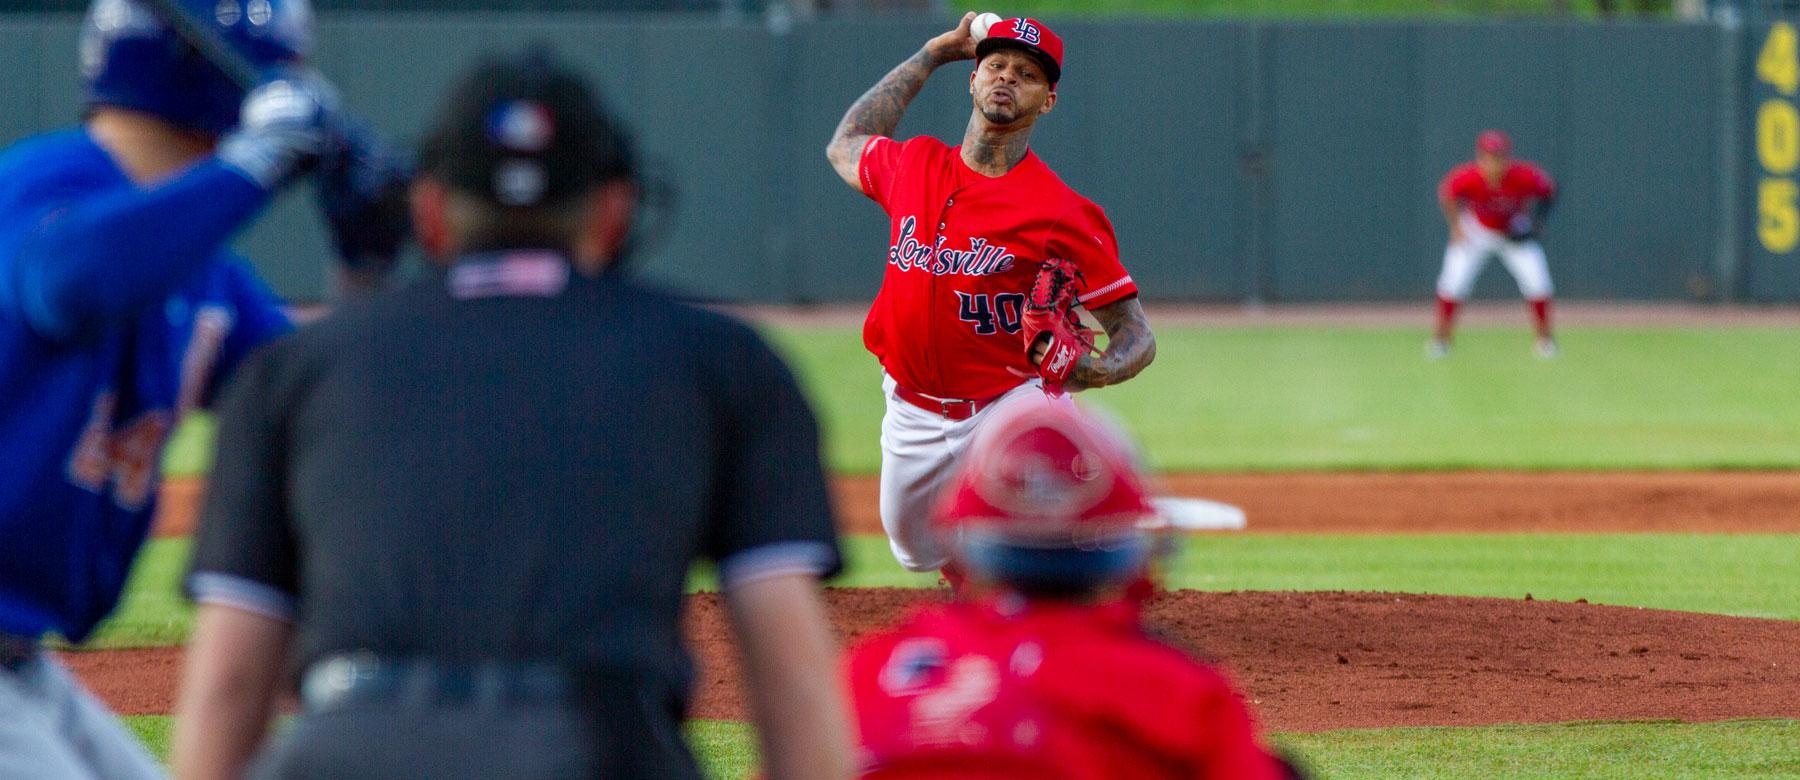 Reds Vladimir Gutierrez wins Pitcher of the Week in Louisville | redsminorleagues.com